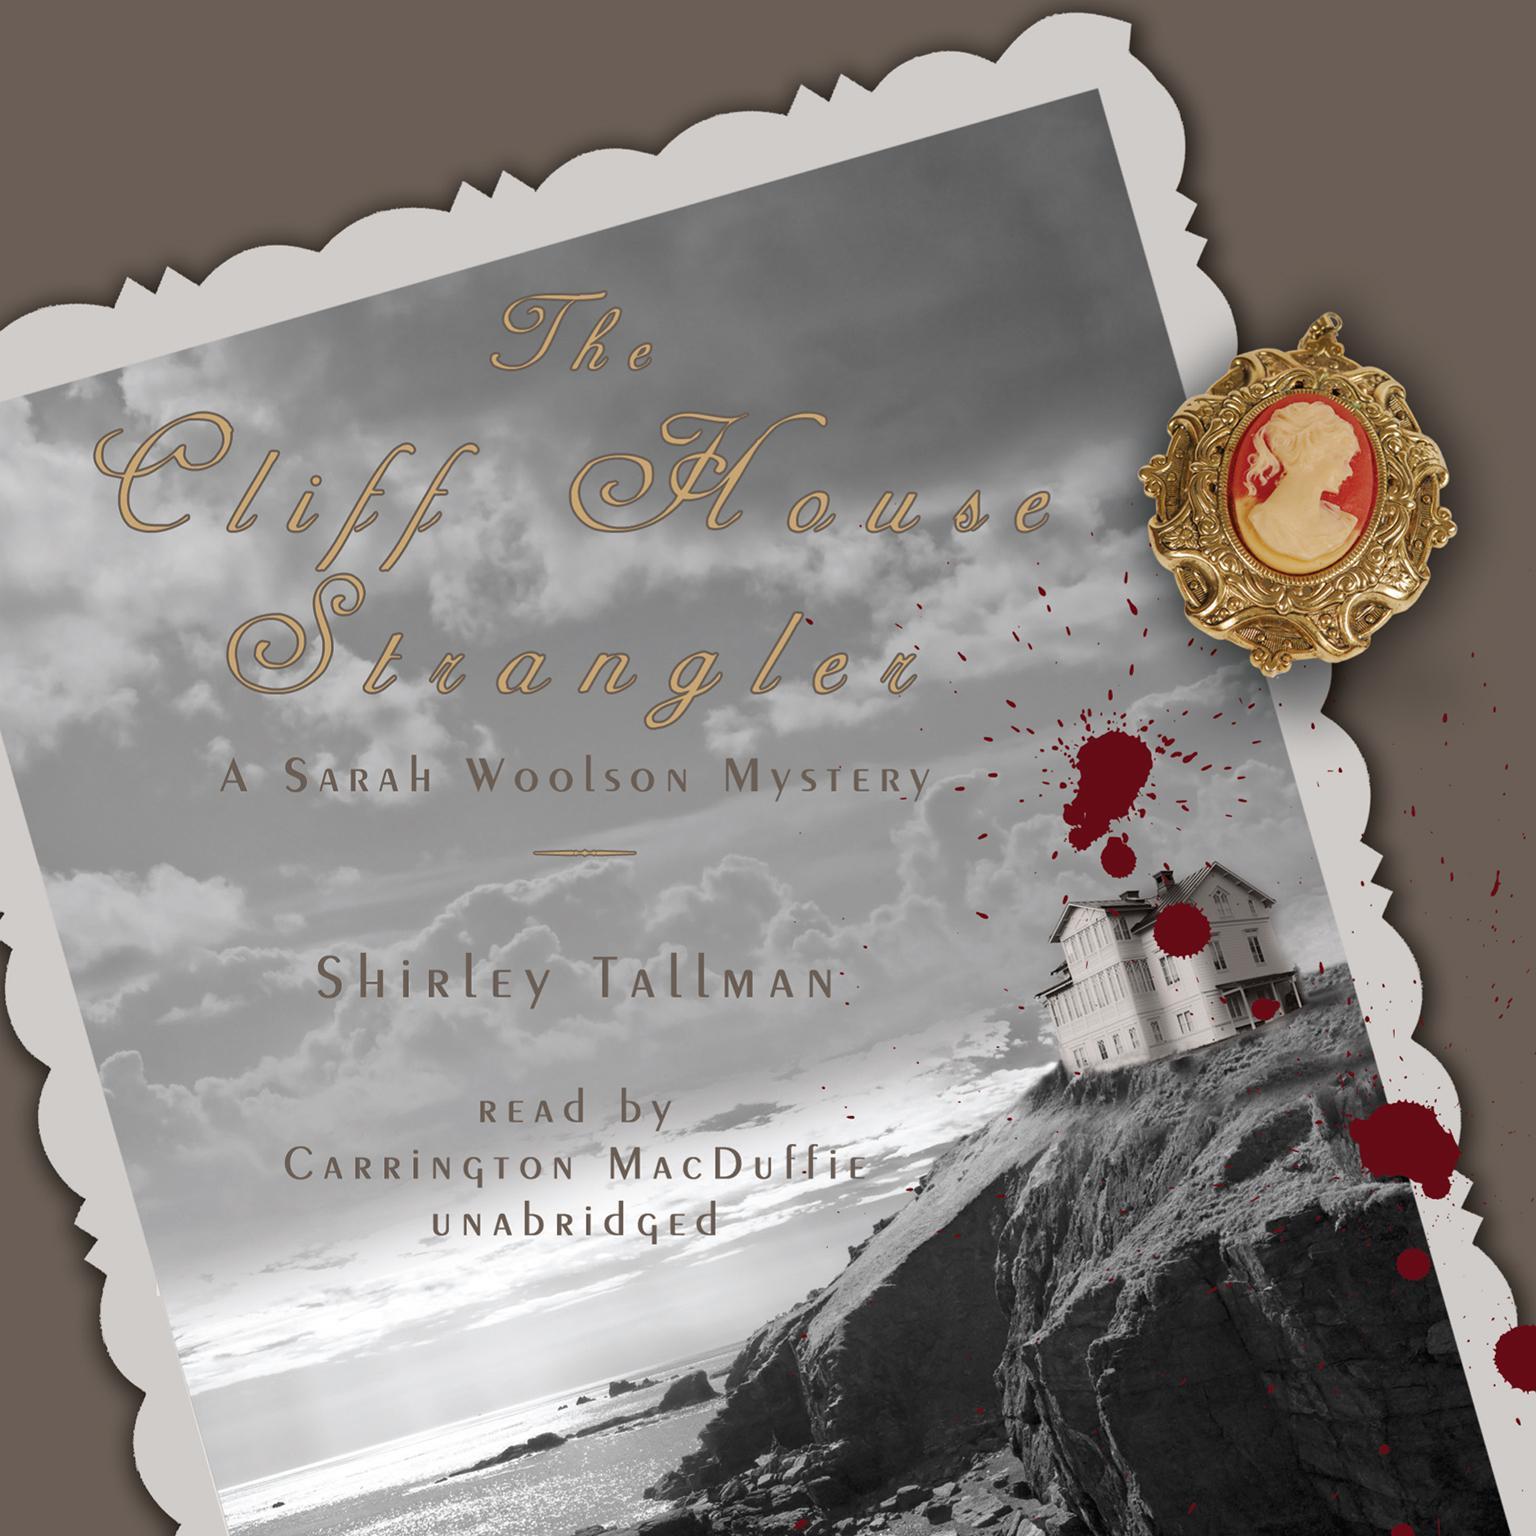 Printable The Cliff House Strangler Audiobook Cover Art